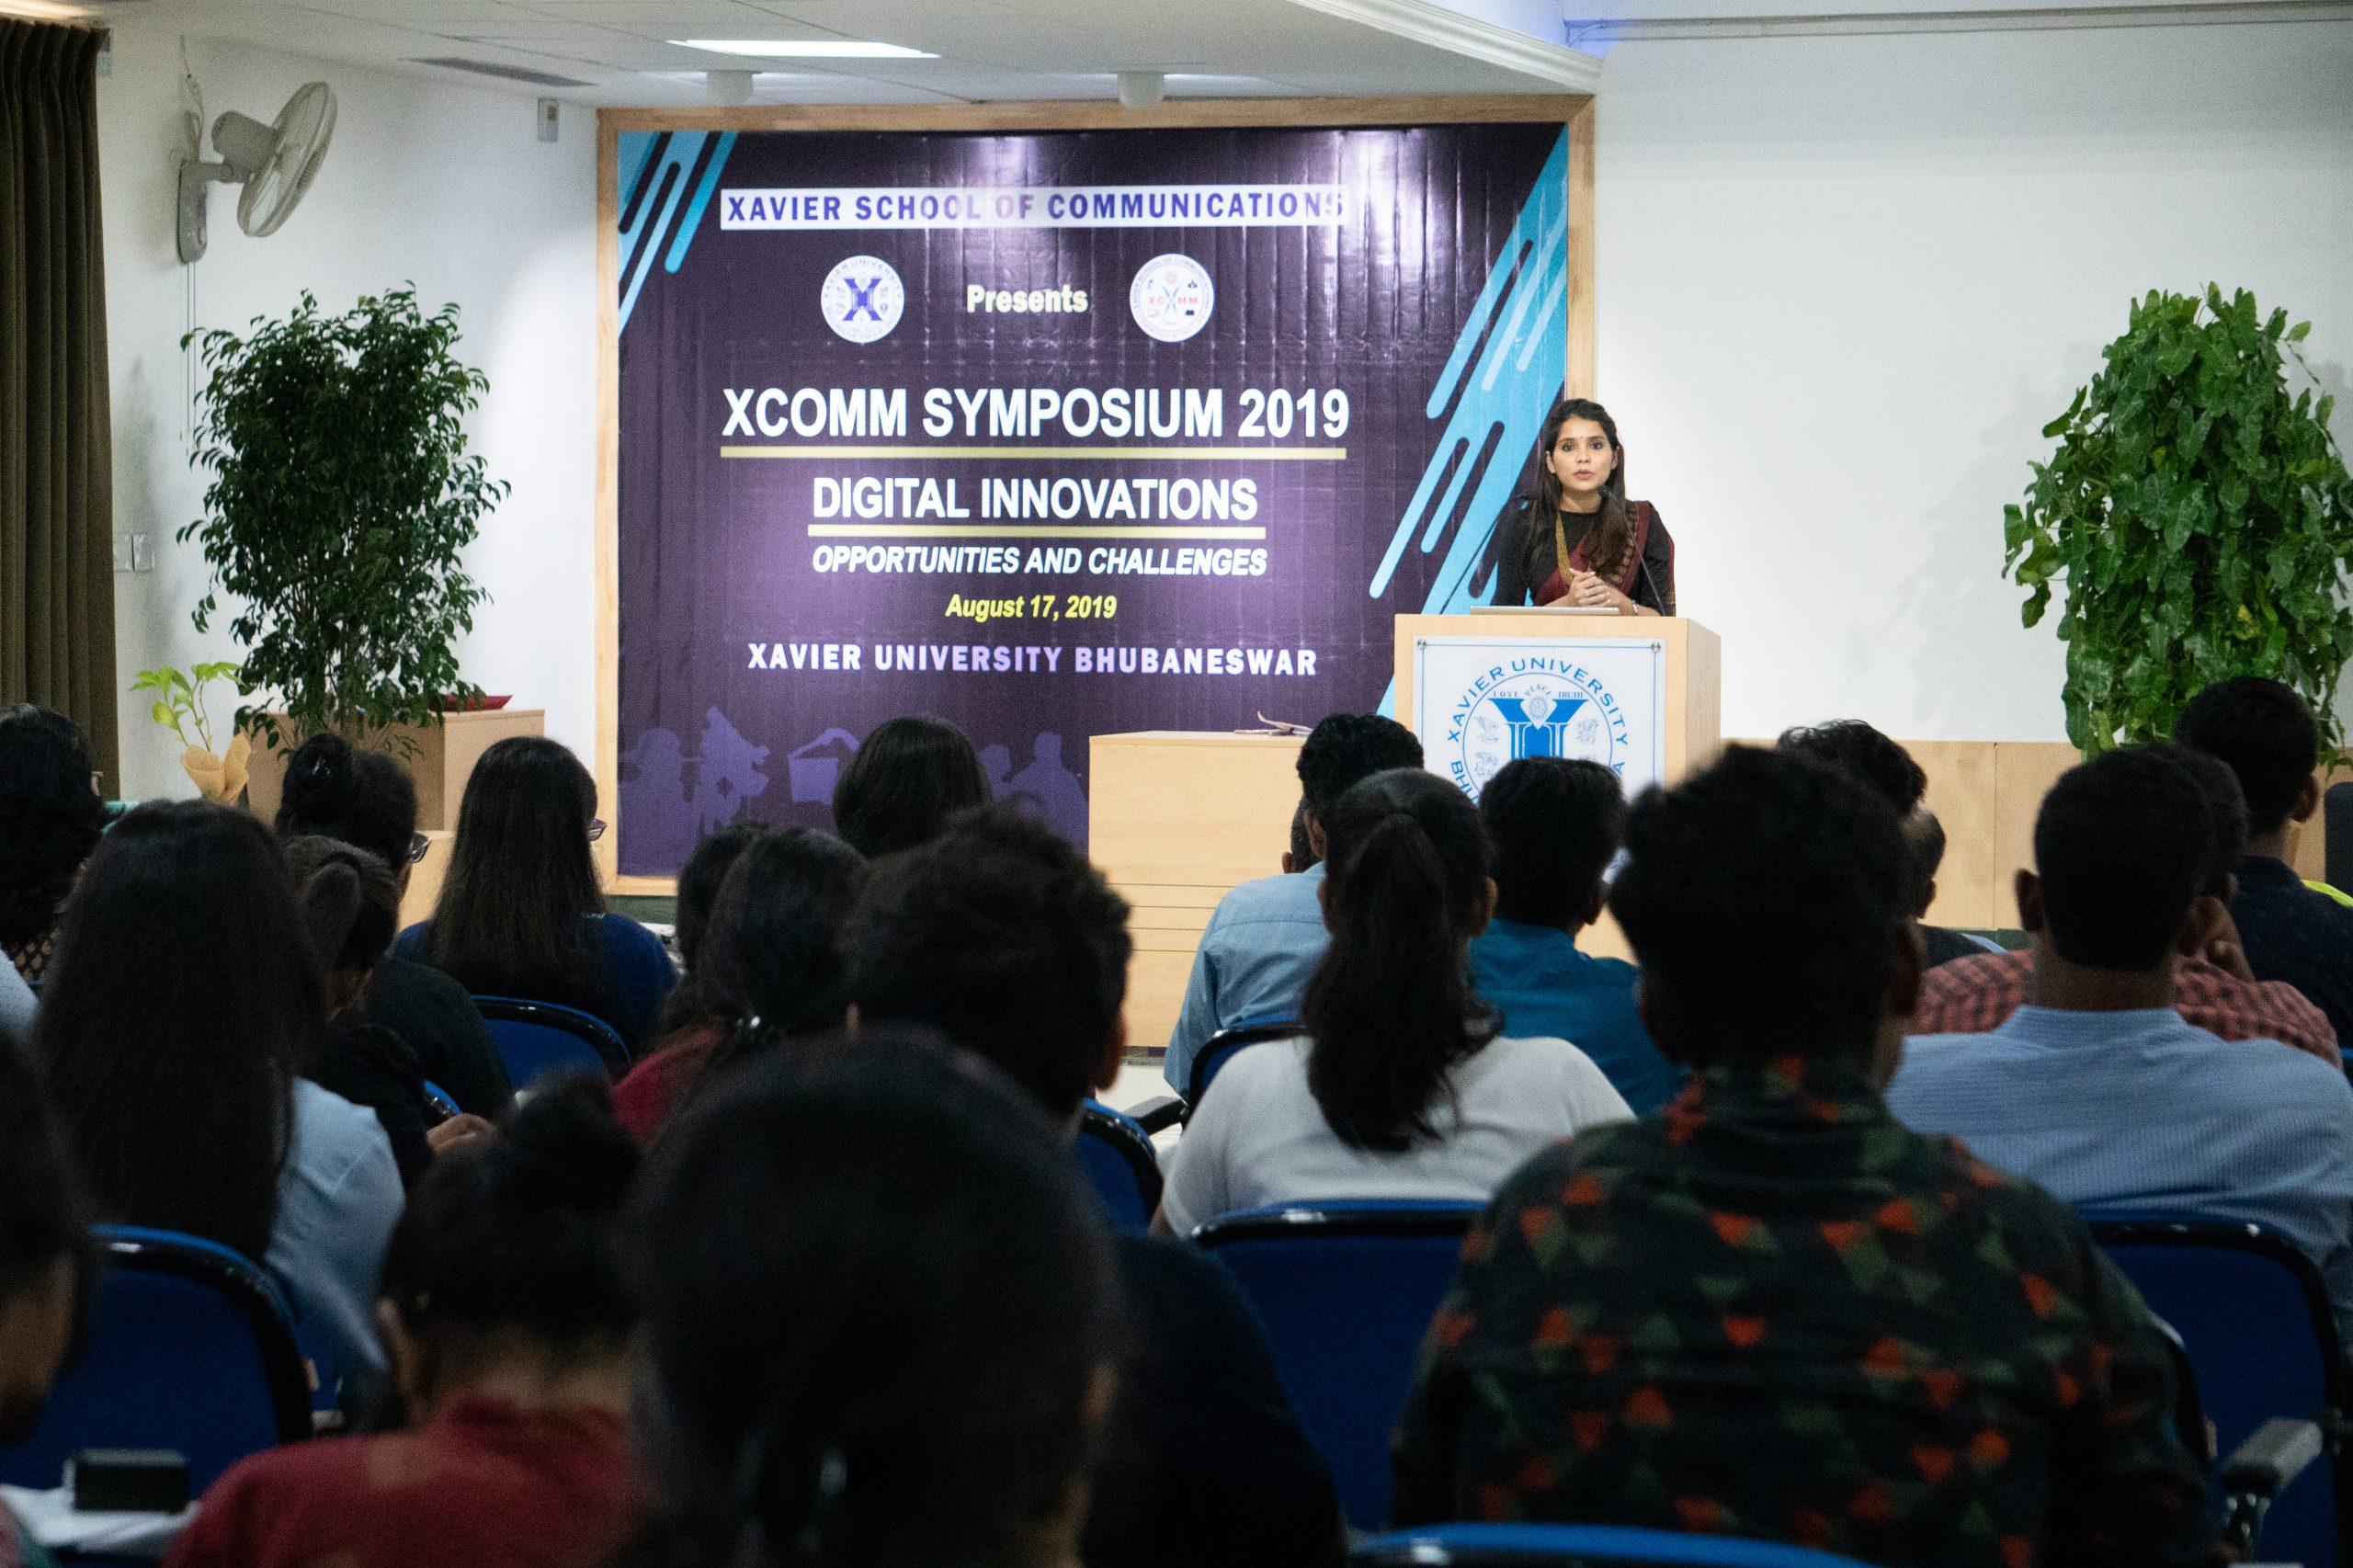 symposium 2019 October 12